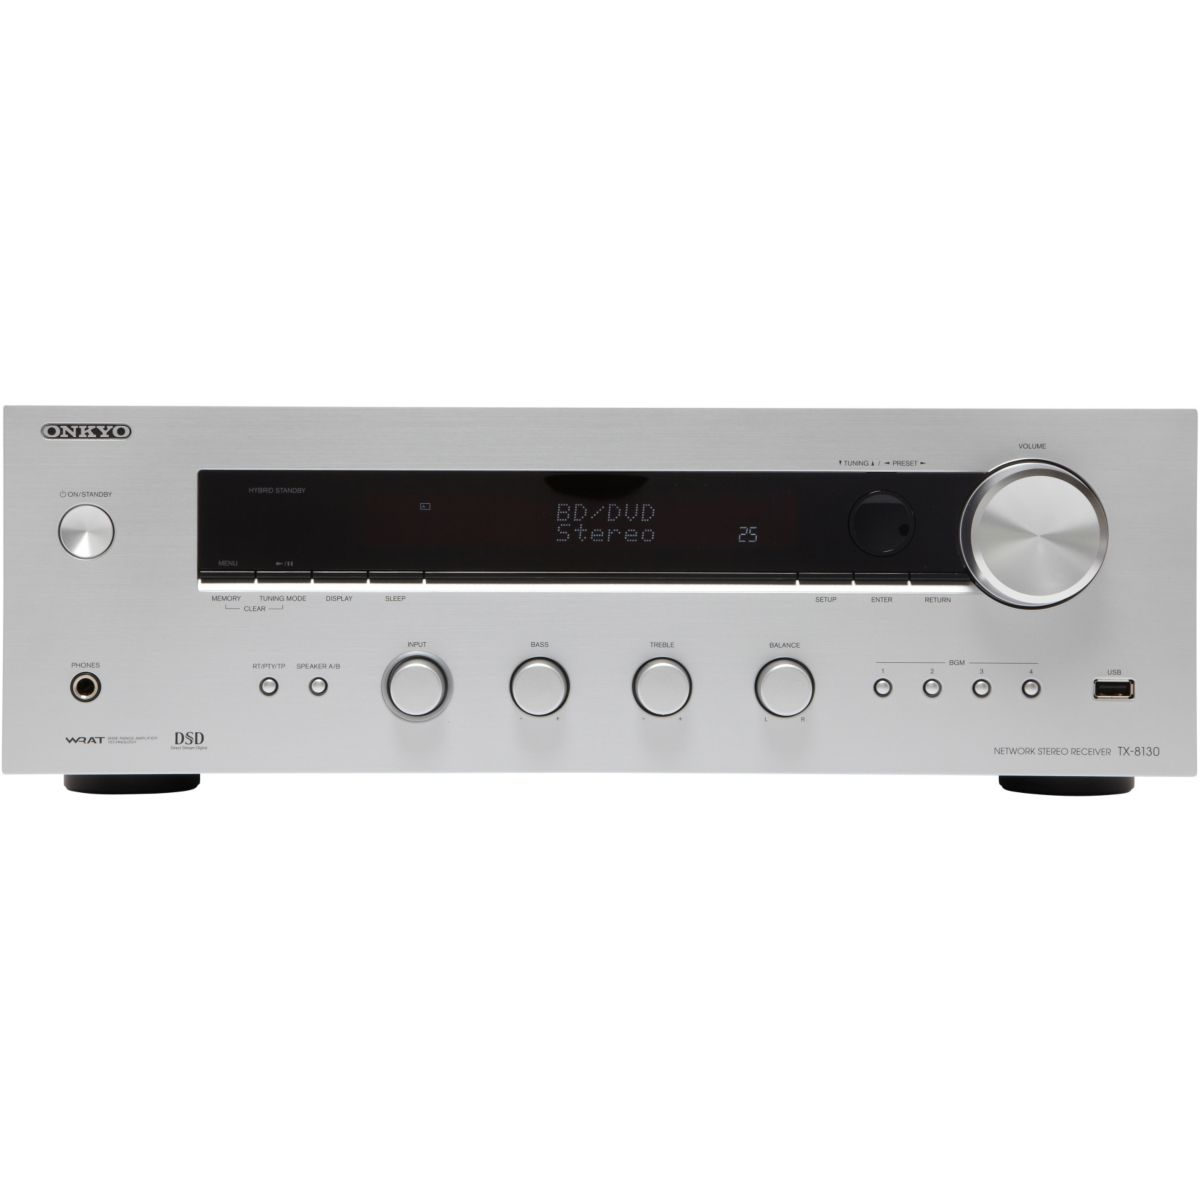 Amplificateur Hi-Fi ONKYO TX8130 SILVER